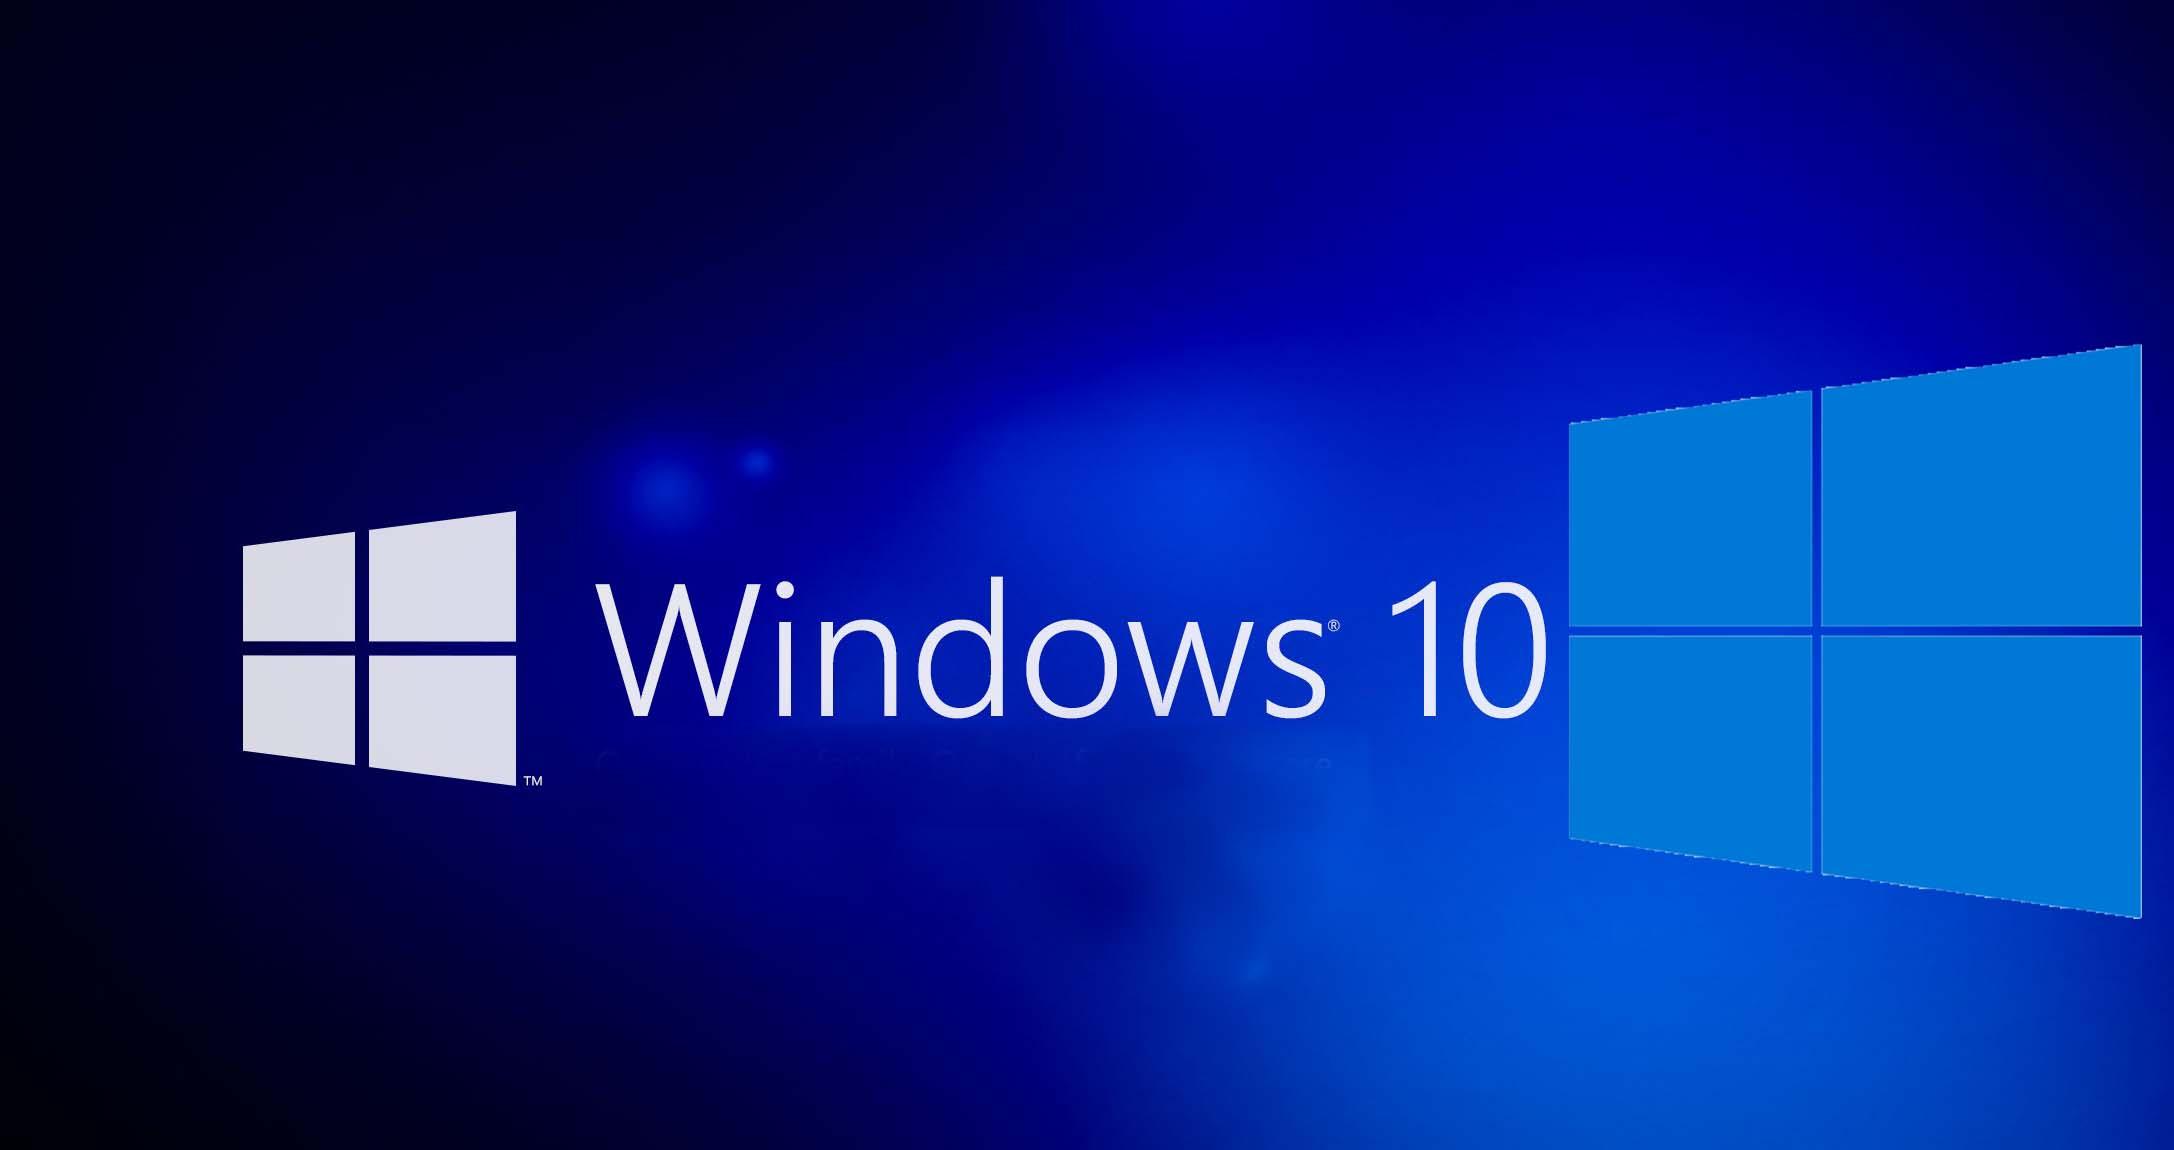 Papel De Parede Para O Windows 10: Veja Como O Papel De Parede Do Windows 10 Foi Criado